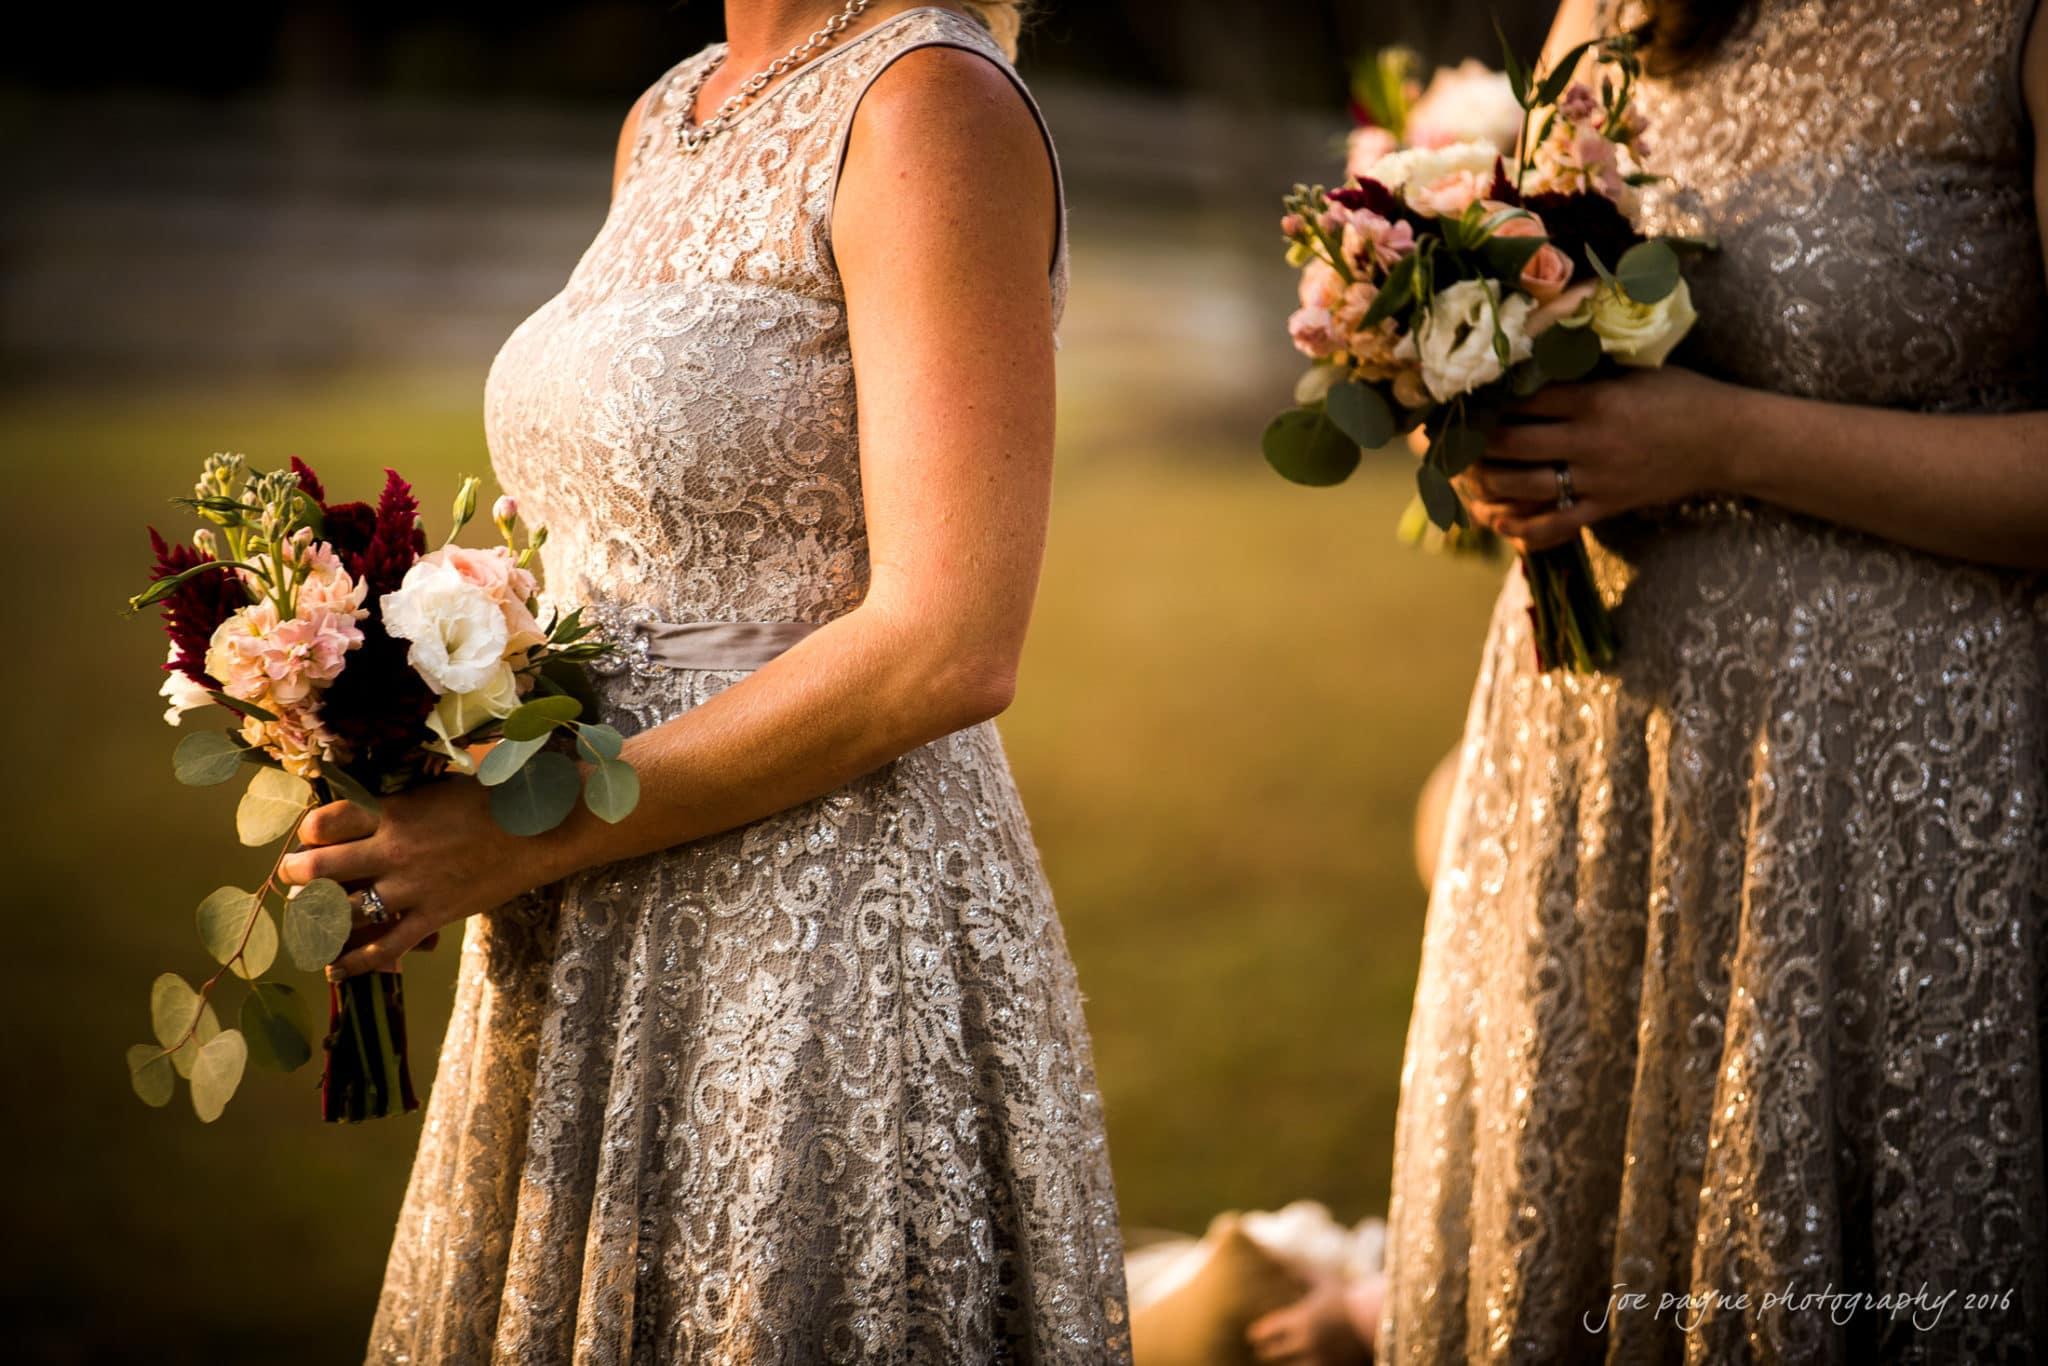 shady-wagon-farm-wedding-photography-danielle-josh-4